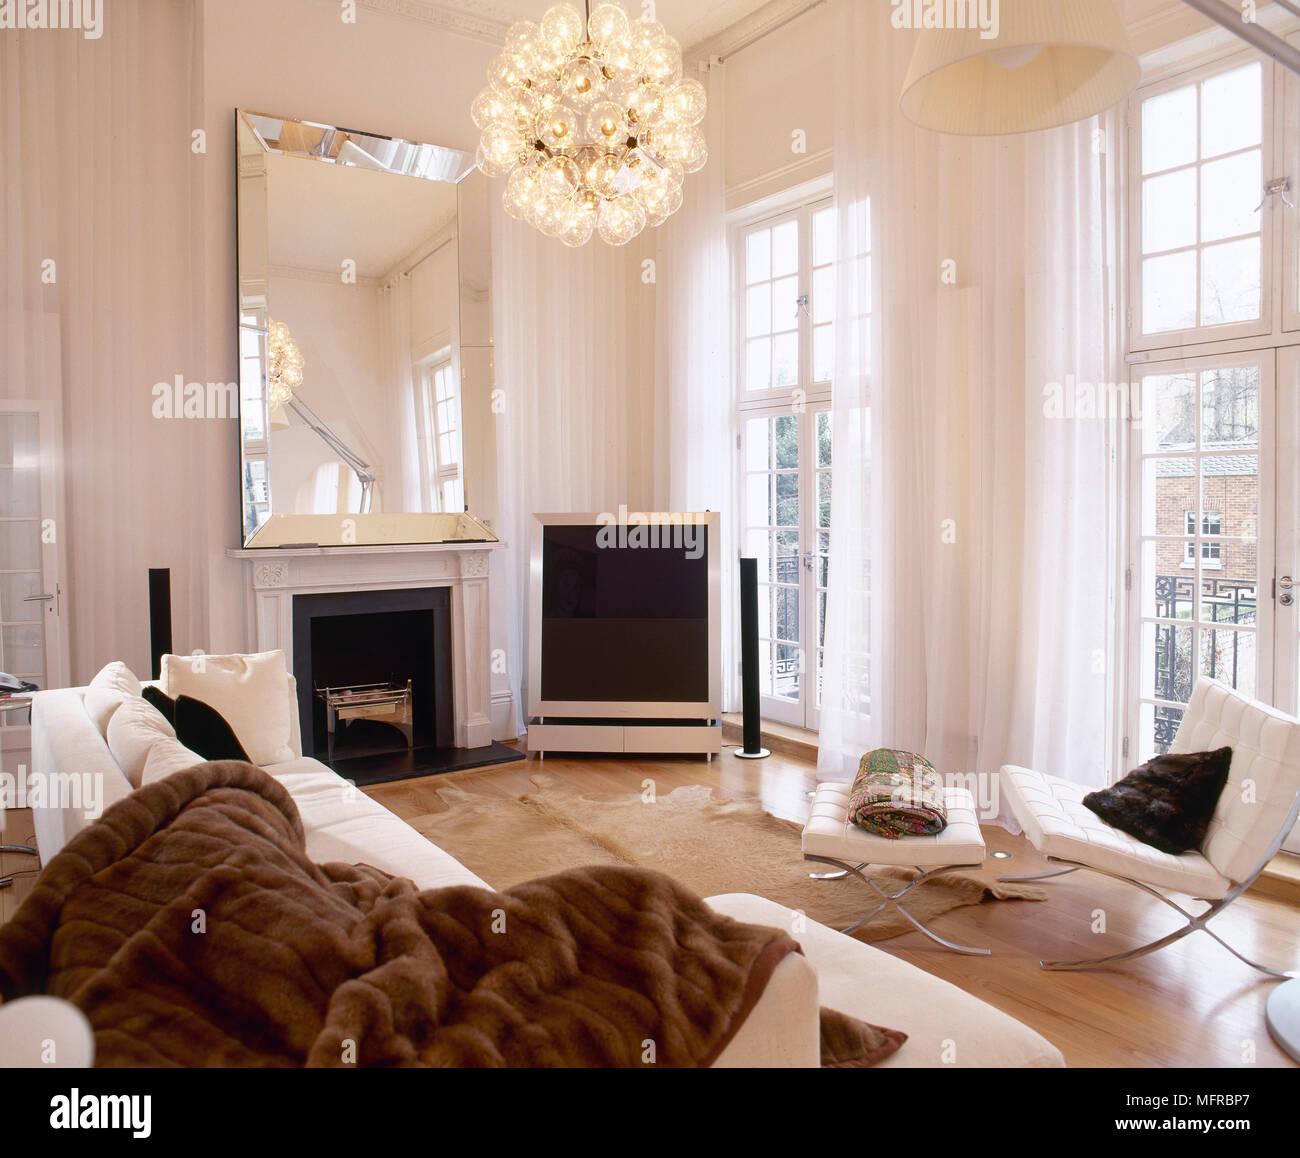 Dekadente Wohnzimmer mit Holzfußboden, Designer Möbel ...